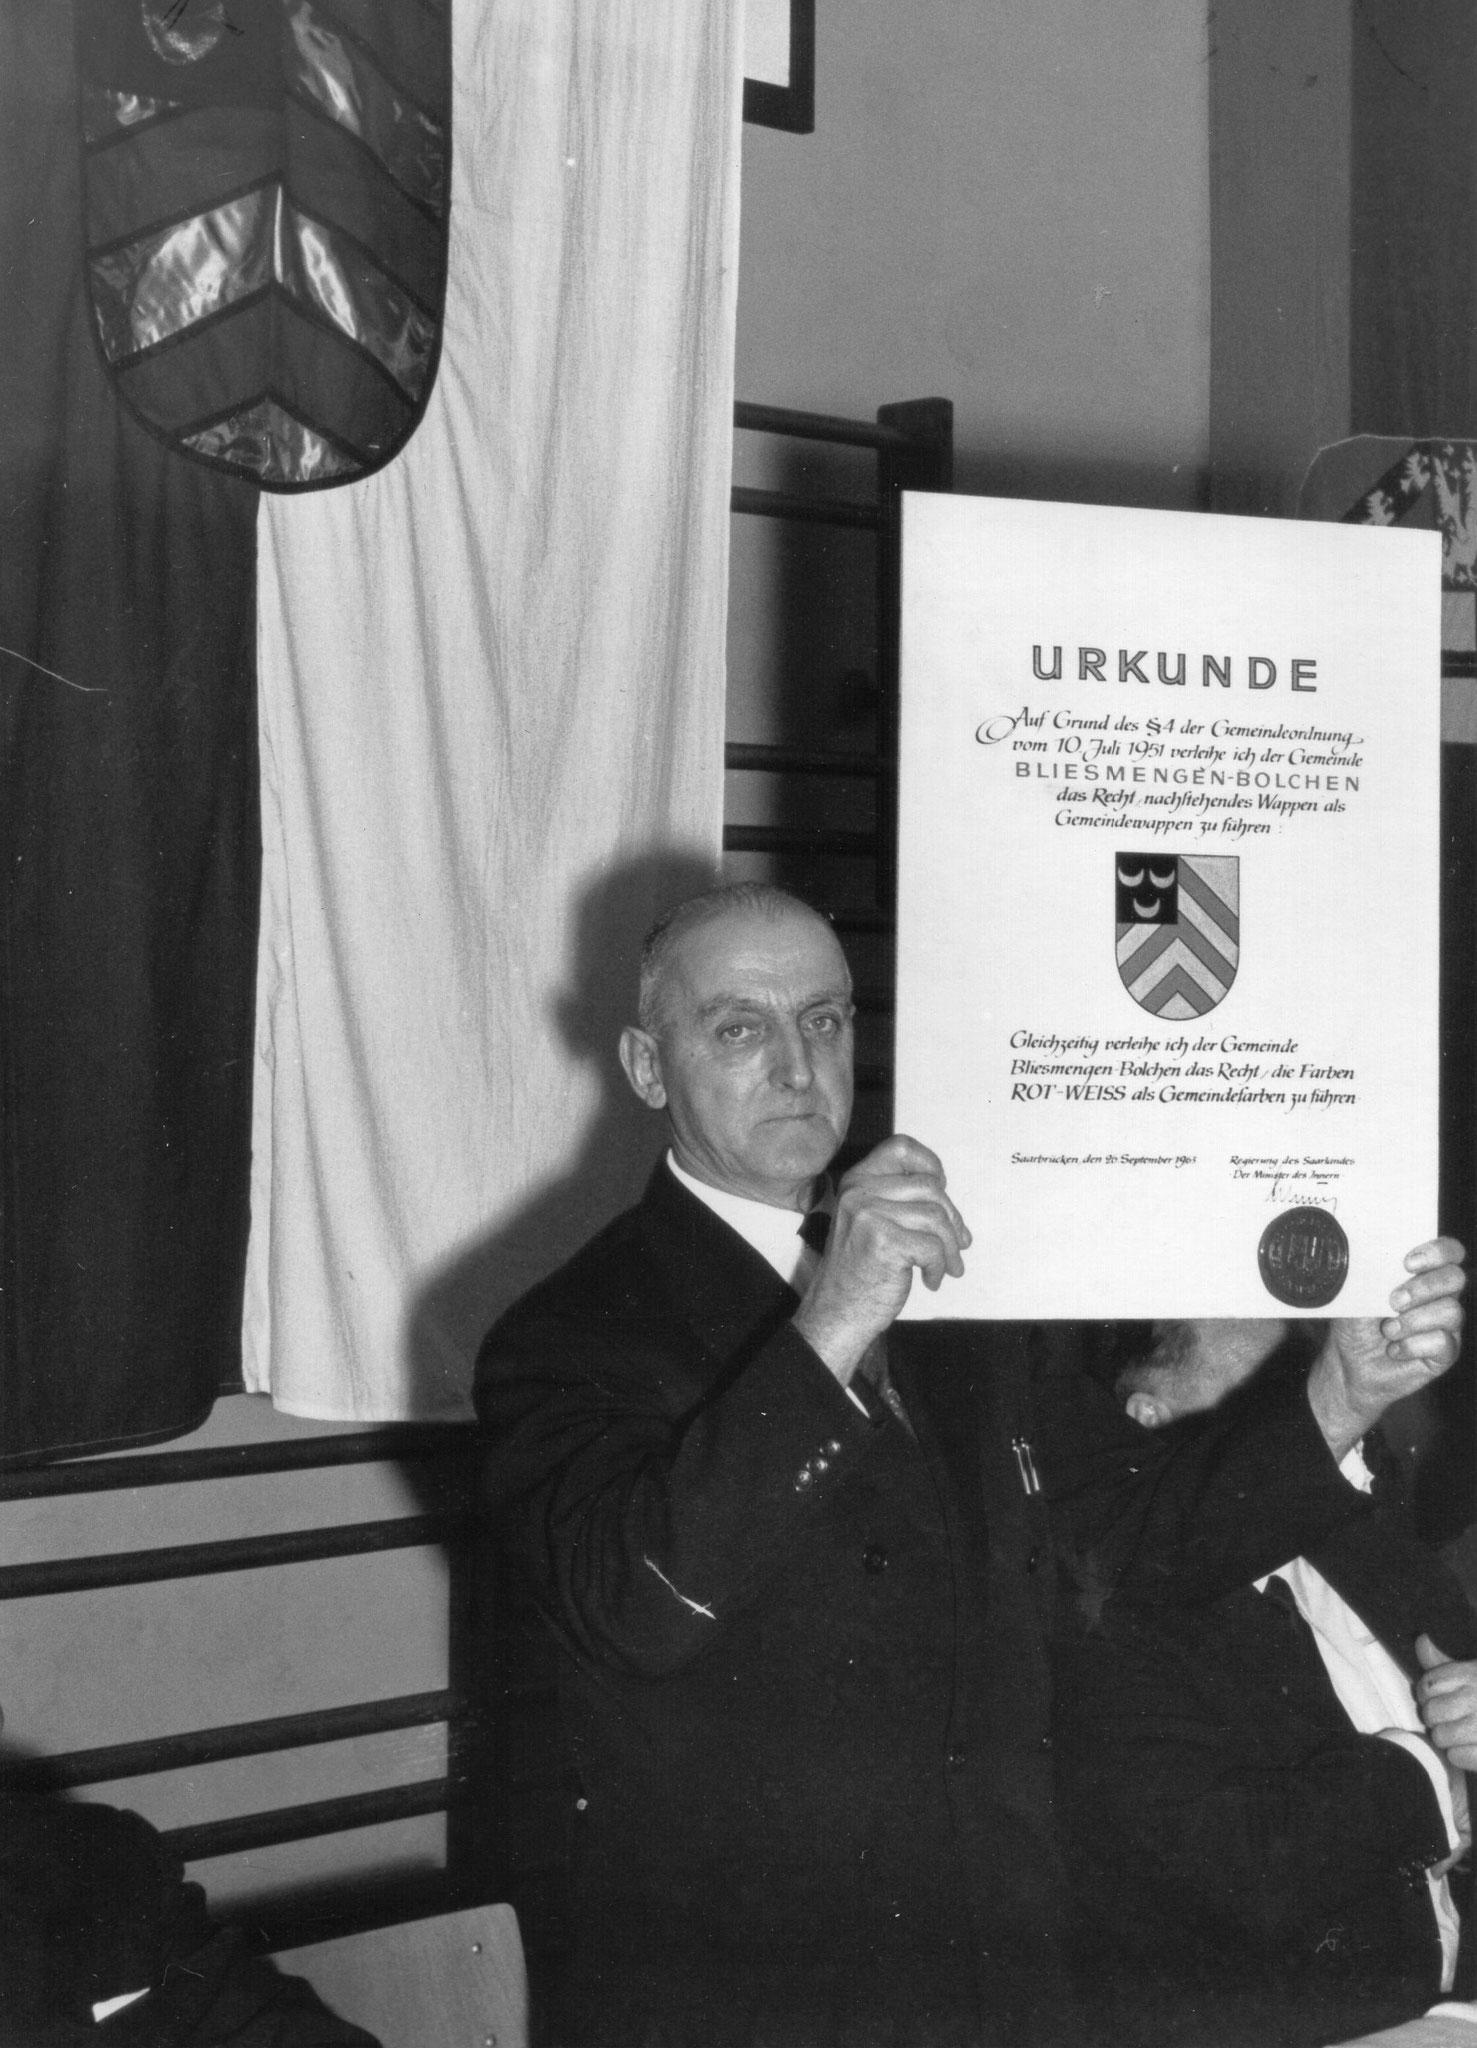 Verleihung des Dorfwappens an Bürgermeister Theodor Bachmann durch das Saarländische Innenministerium am 26.09.1963